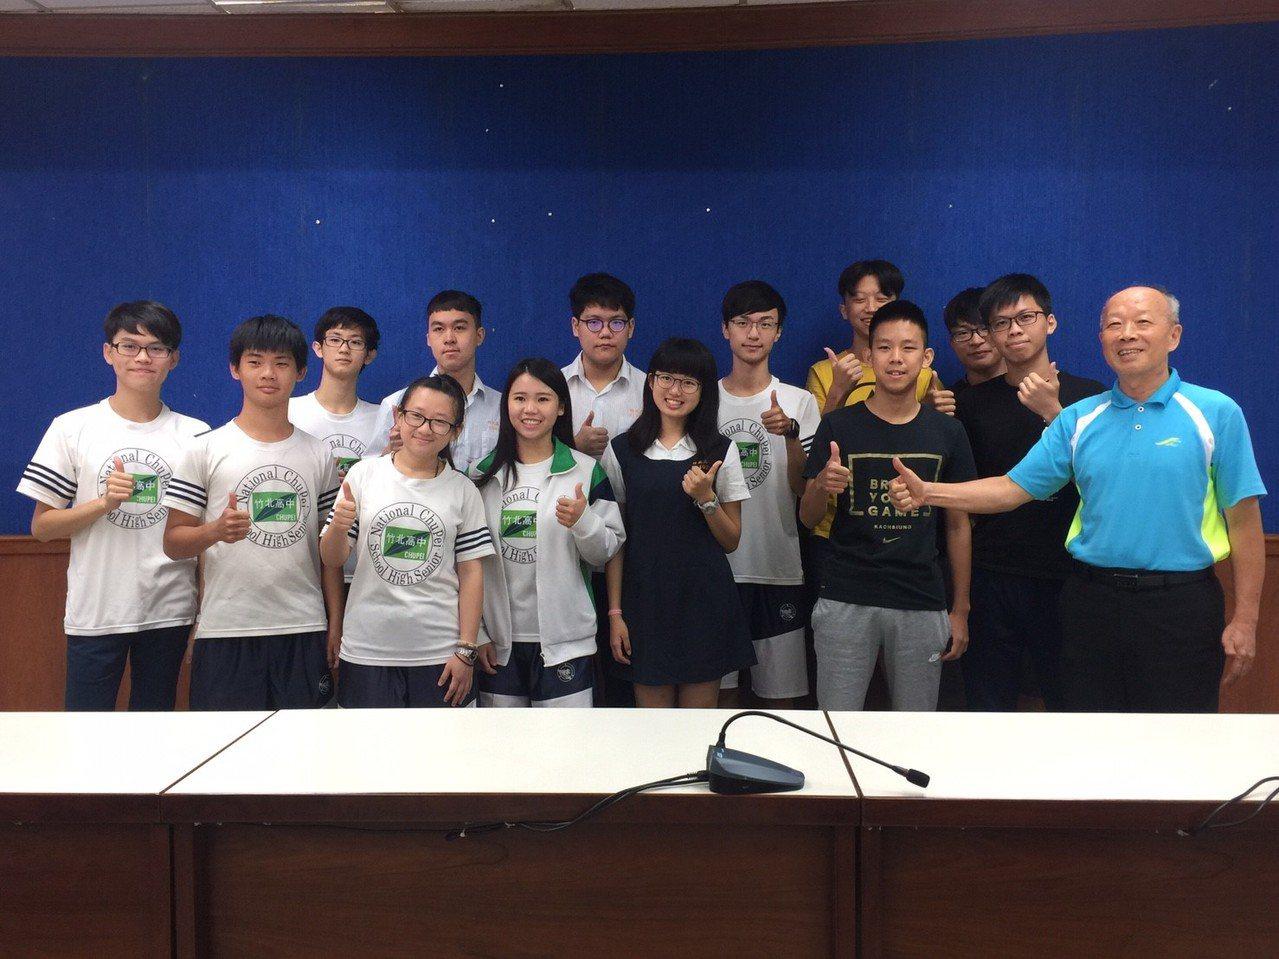 竹北高中此次報考指考人數達246人,共有133人考上國立大學,成績很好。記者郭宣...